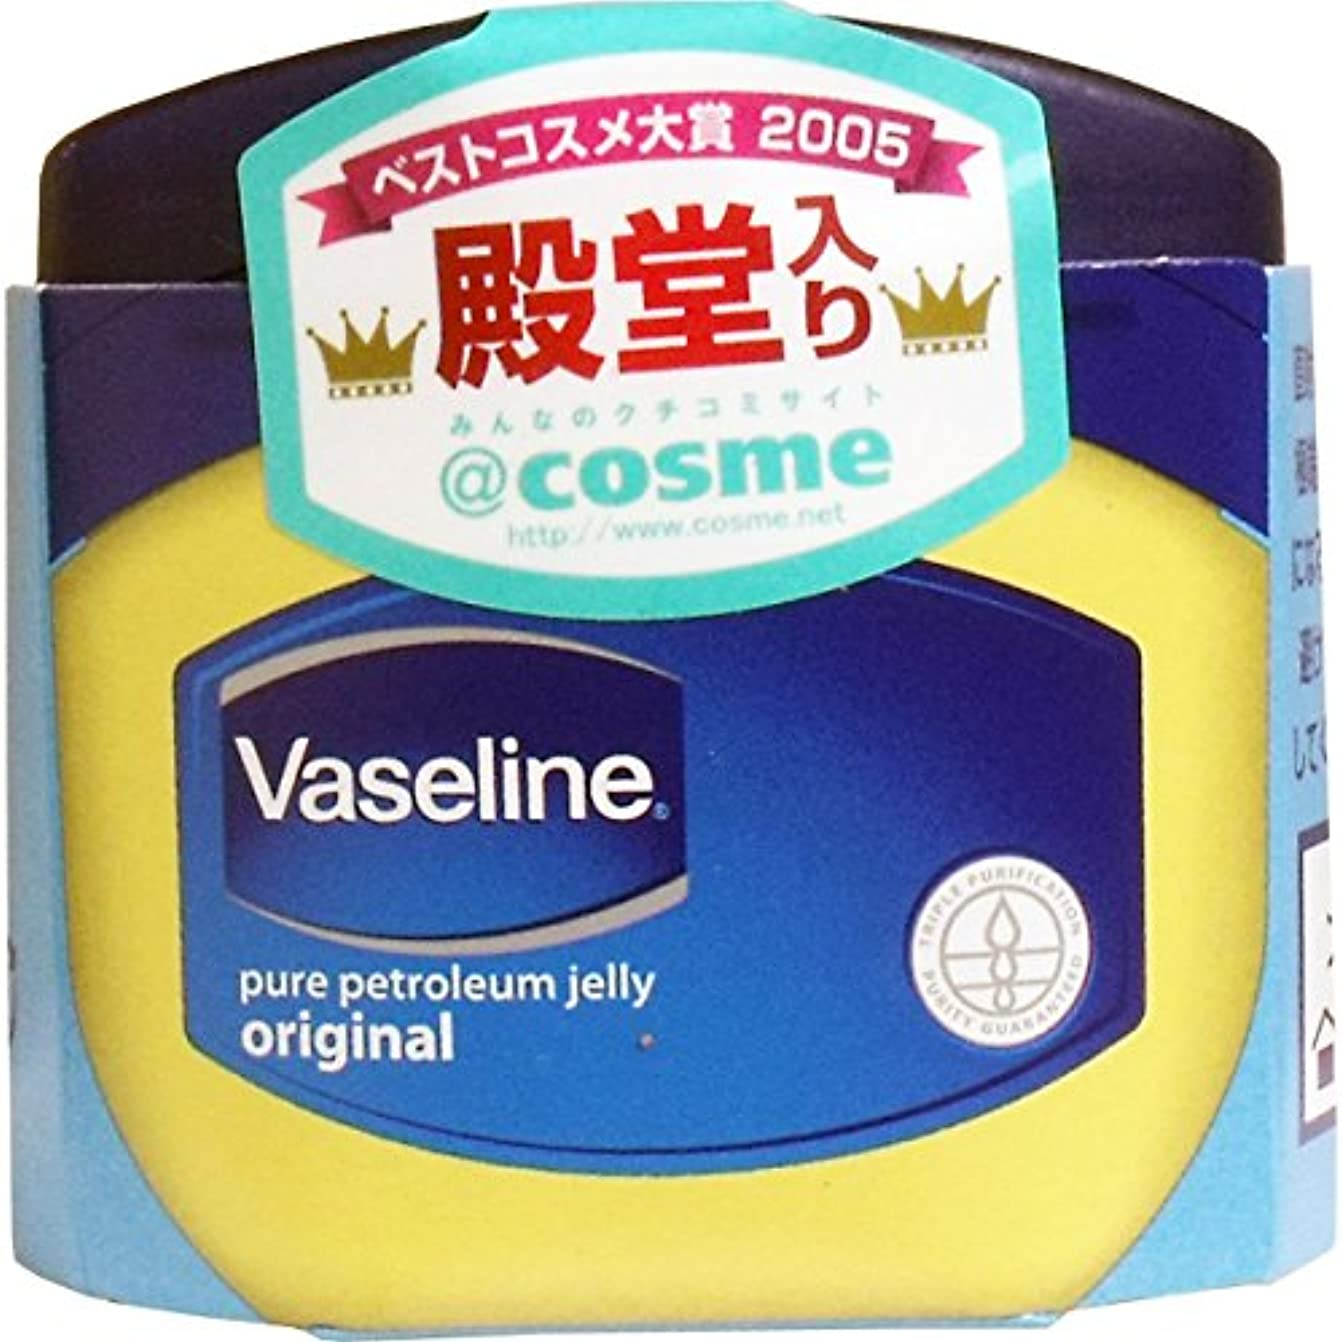 情緒的タイルスペース【Vaseline】ヴァセリン ピュアスキンジェリー (スキンオイル) 40g ×20個セット